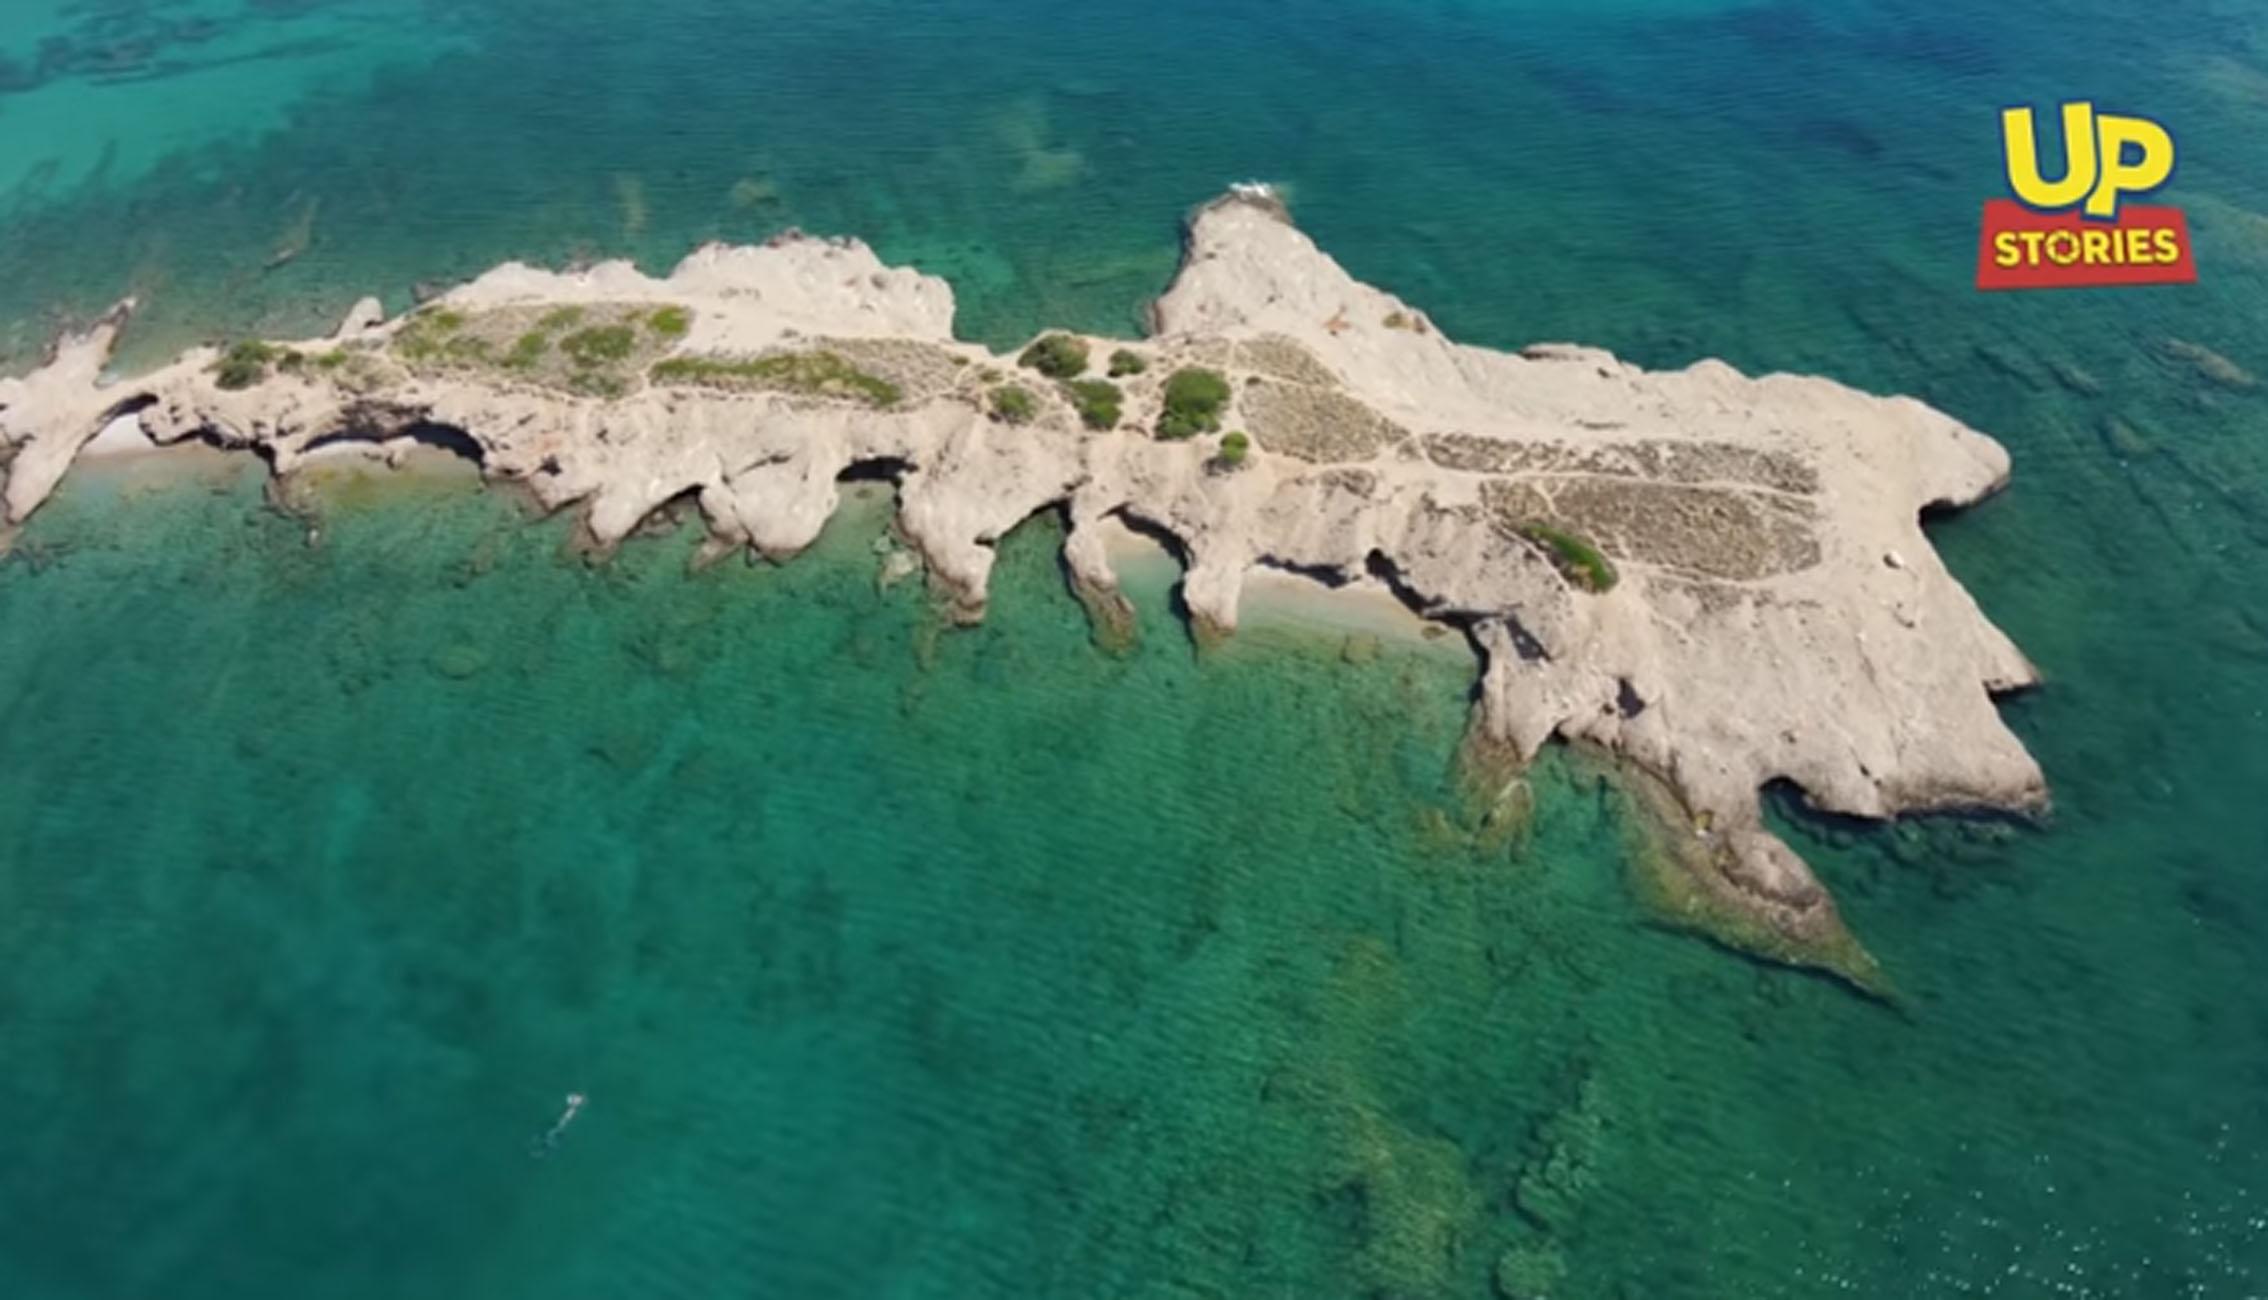 Αττική: Το νησάκι Ντούνη με τις δαντελένιες ακρογιαλιές που πας με τα πόδια (video)